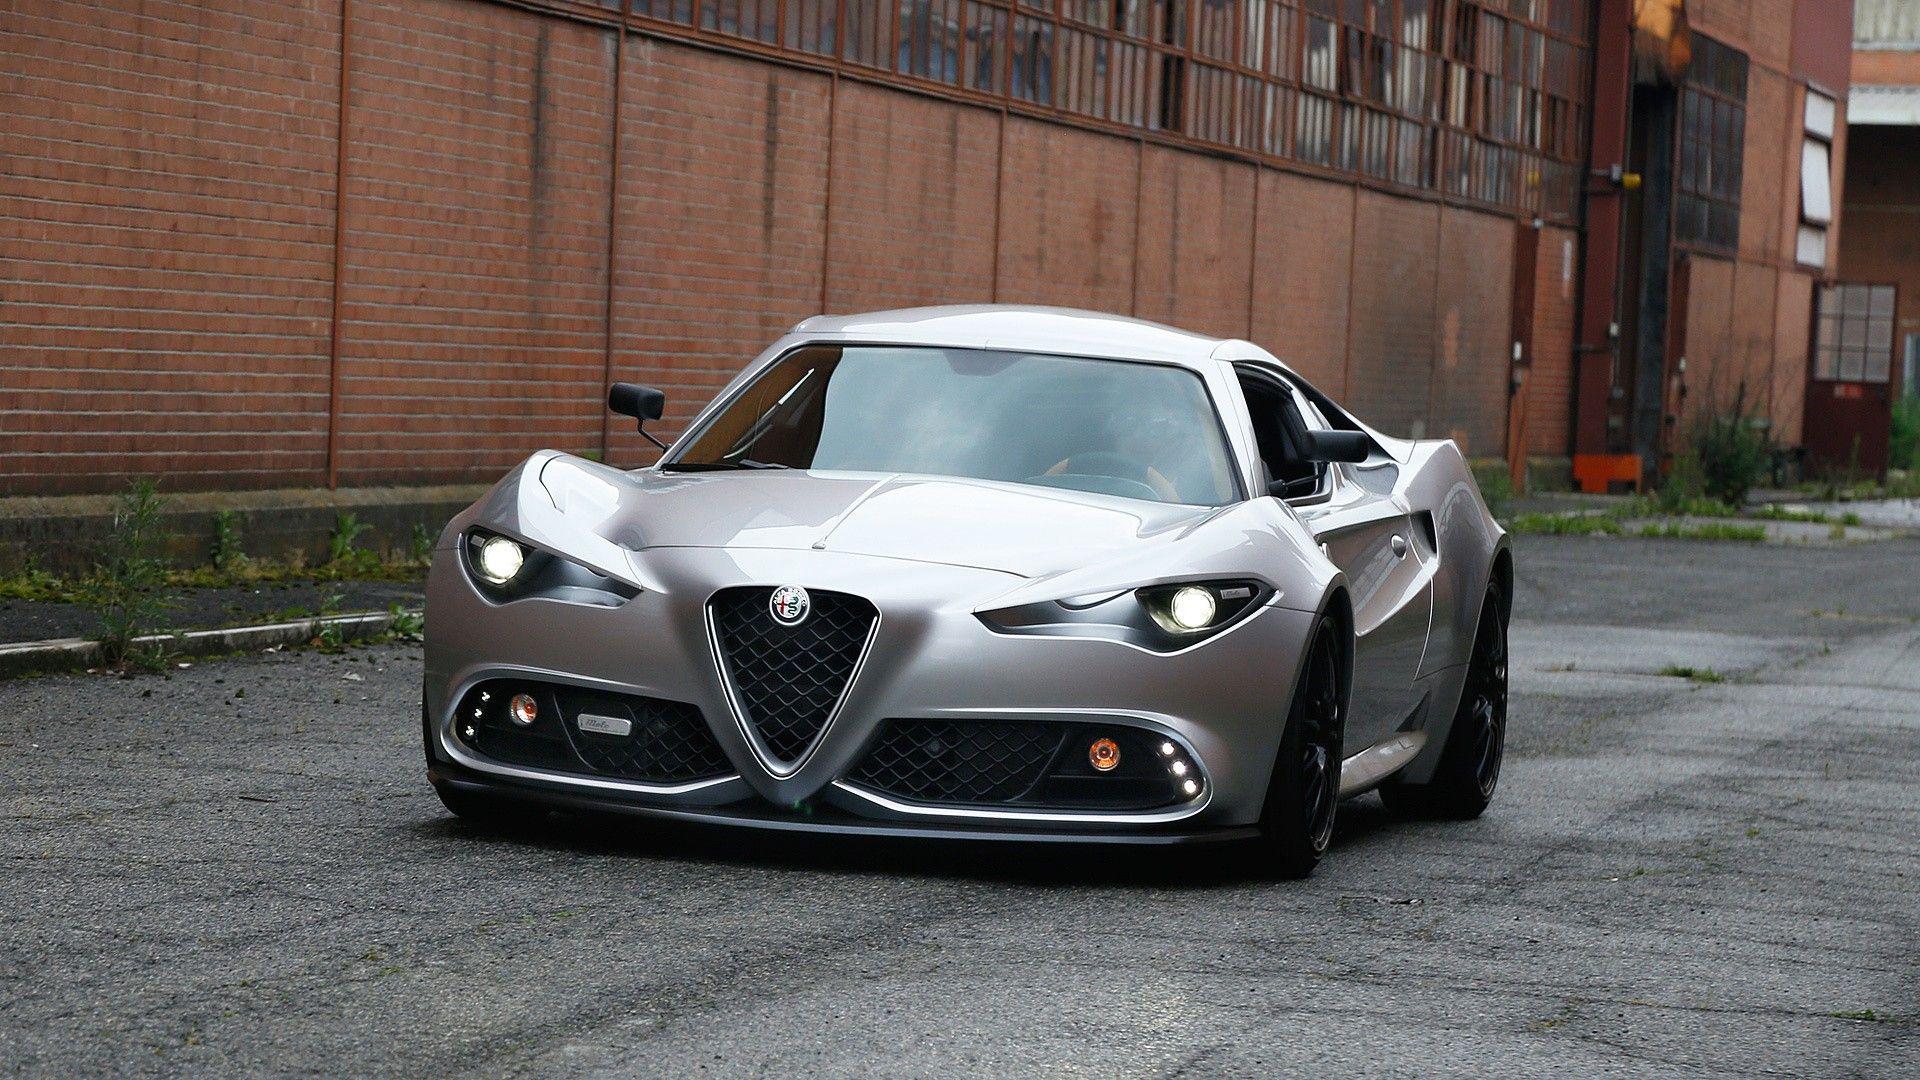 Alfa Romeo Mole Costruzione Artigianale 001 Alfa Romeo Alfa